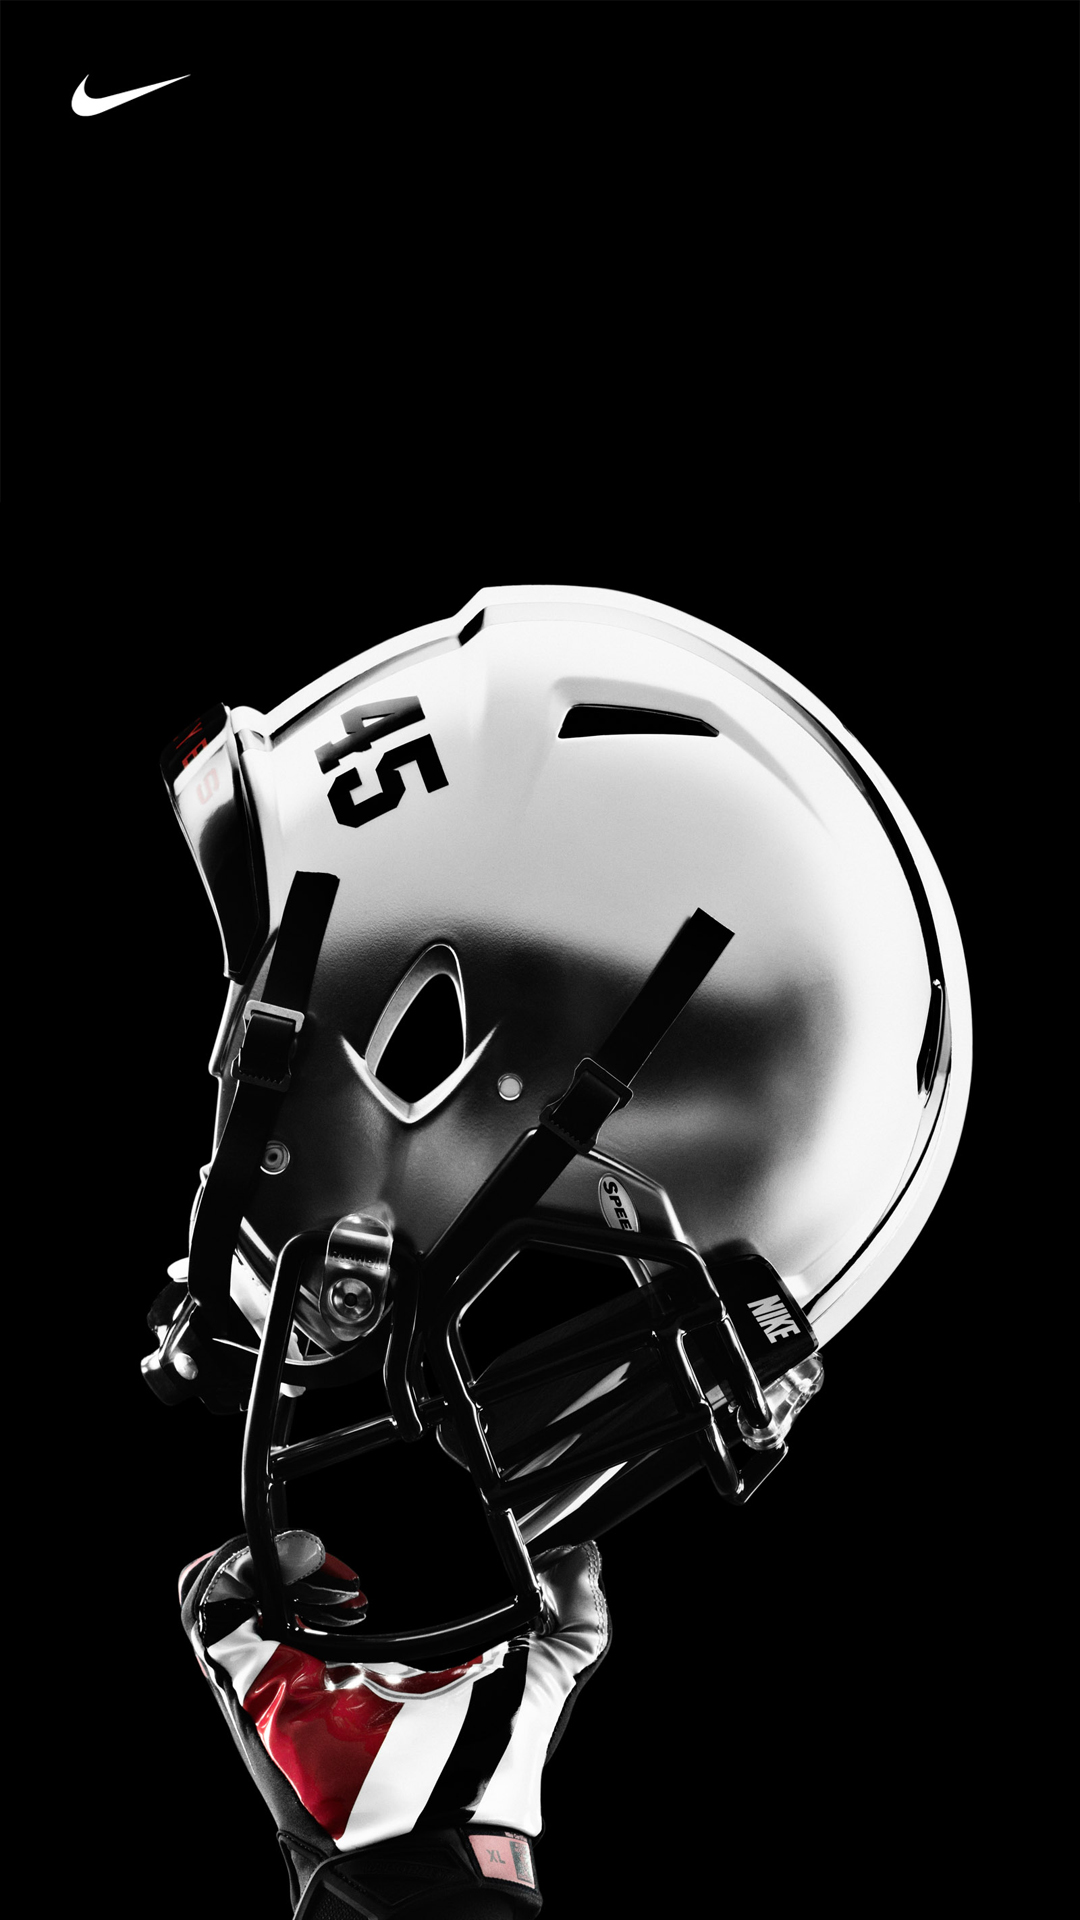 Ohio State Nike Pro Combat Football Uniform Helmet